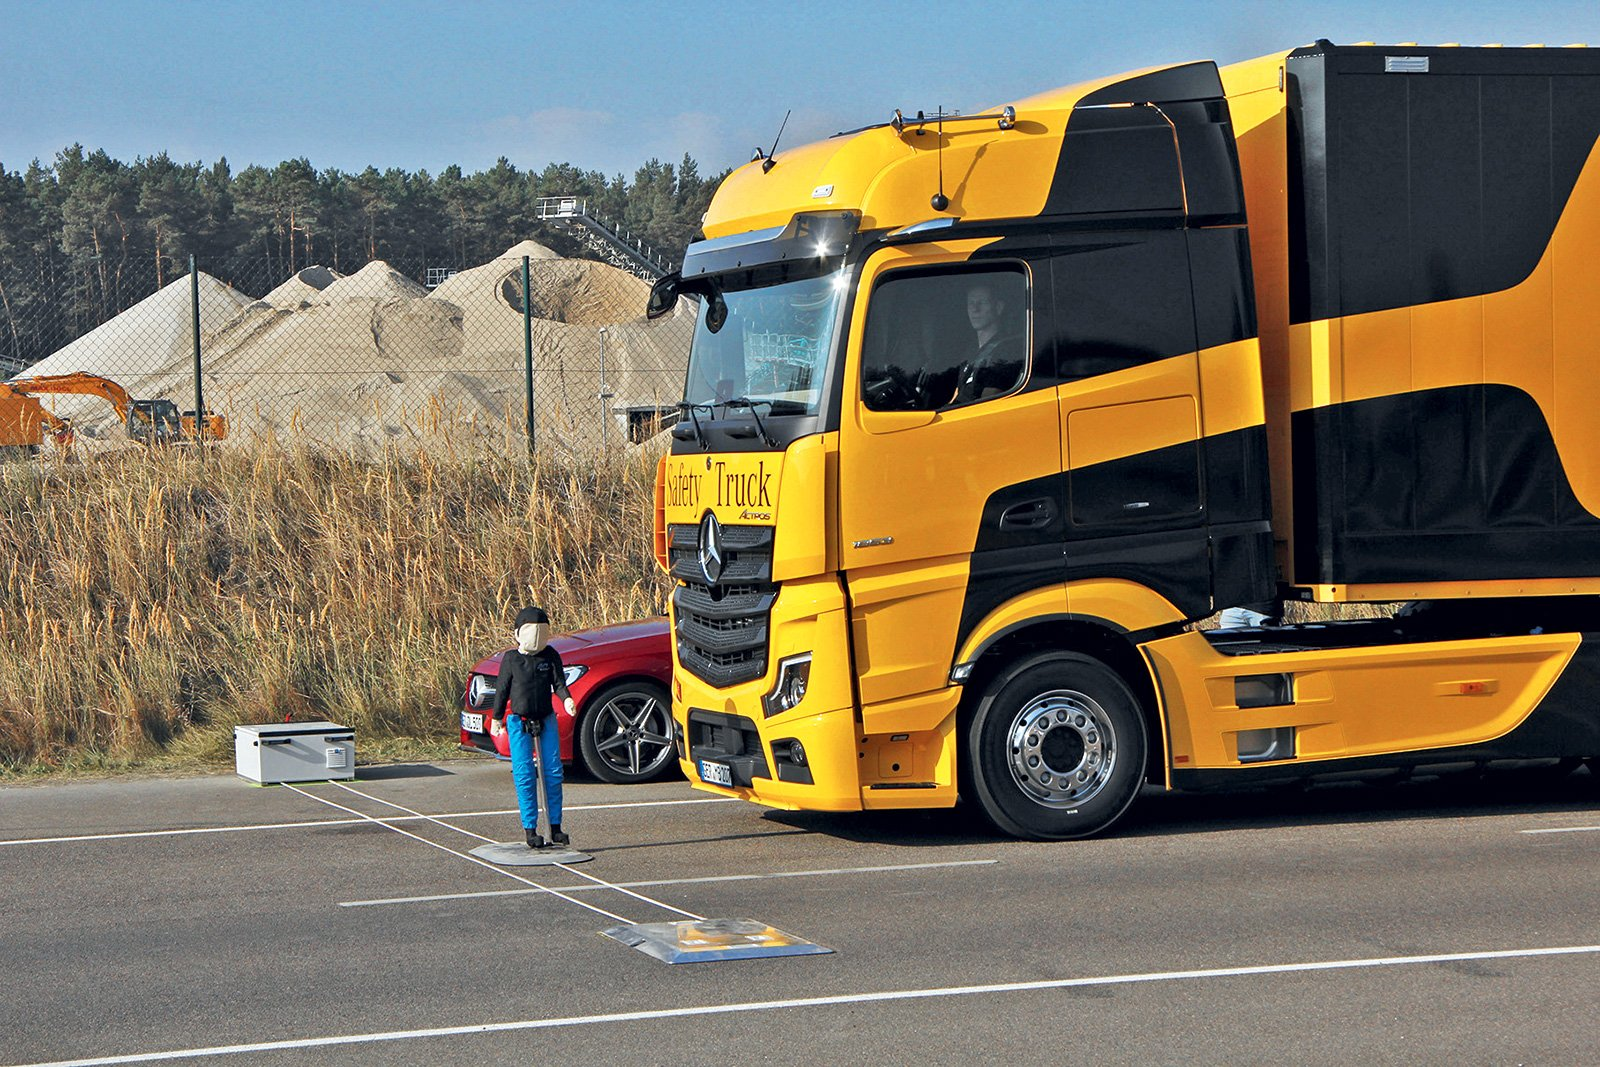 Будет как в Европе? Почему безопасность российских машин важно подтянуть до уровня иномарок